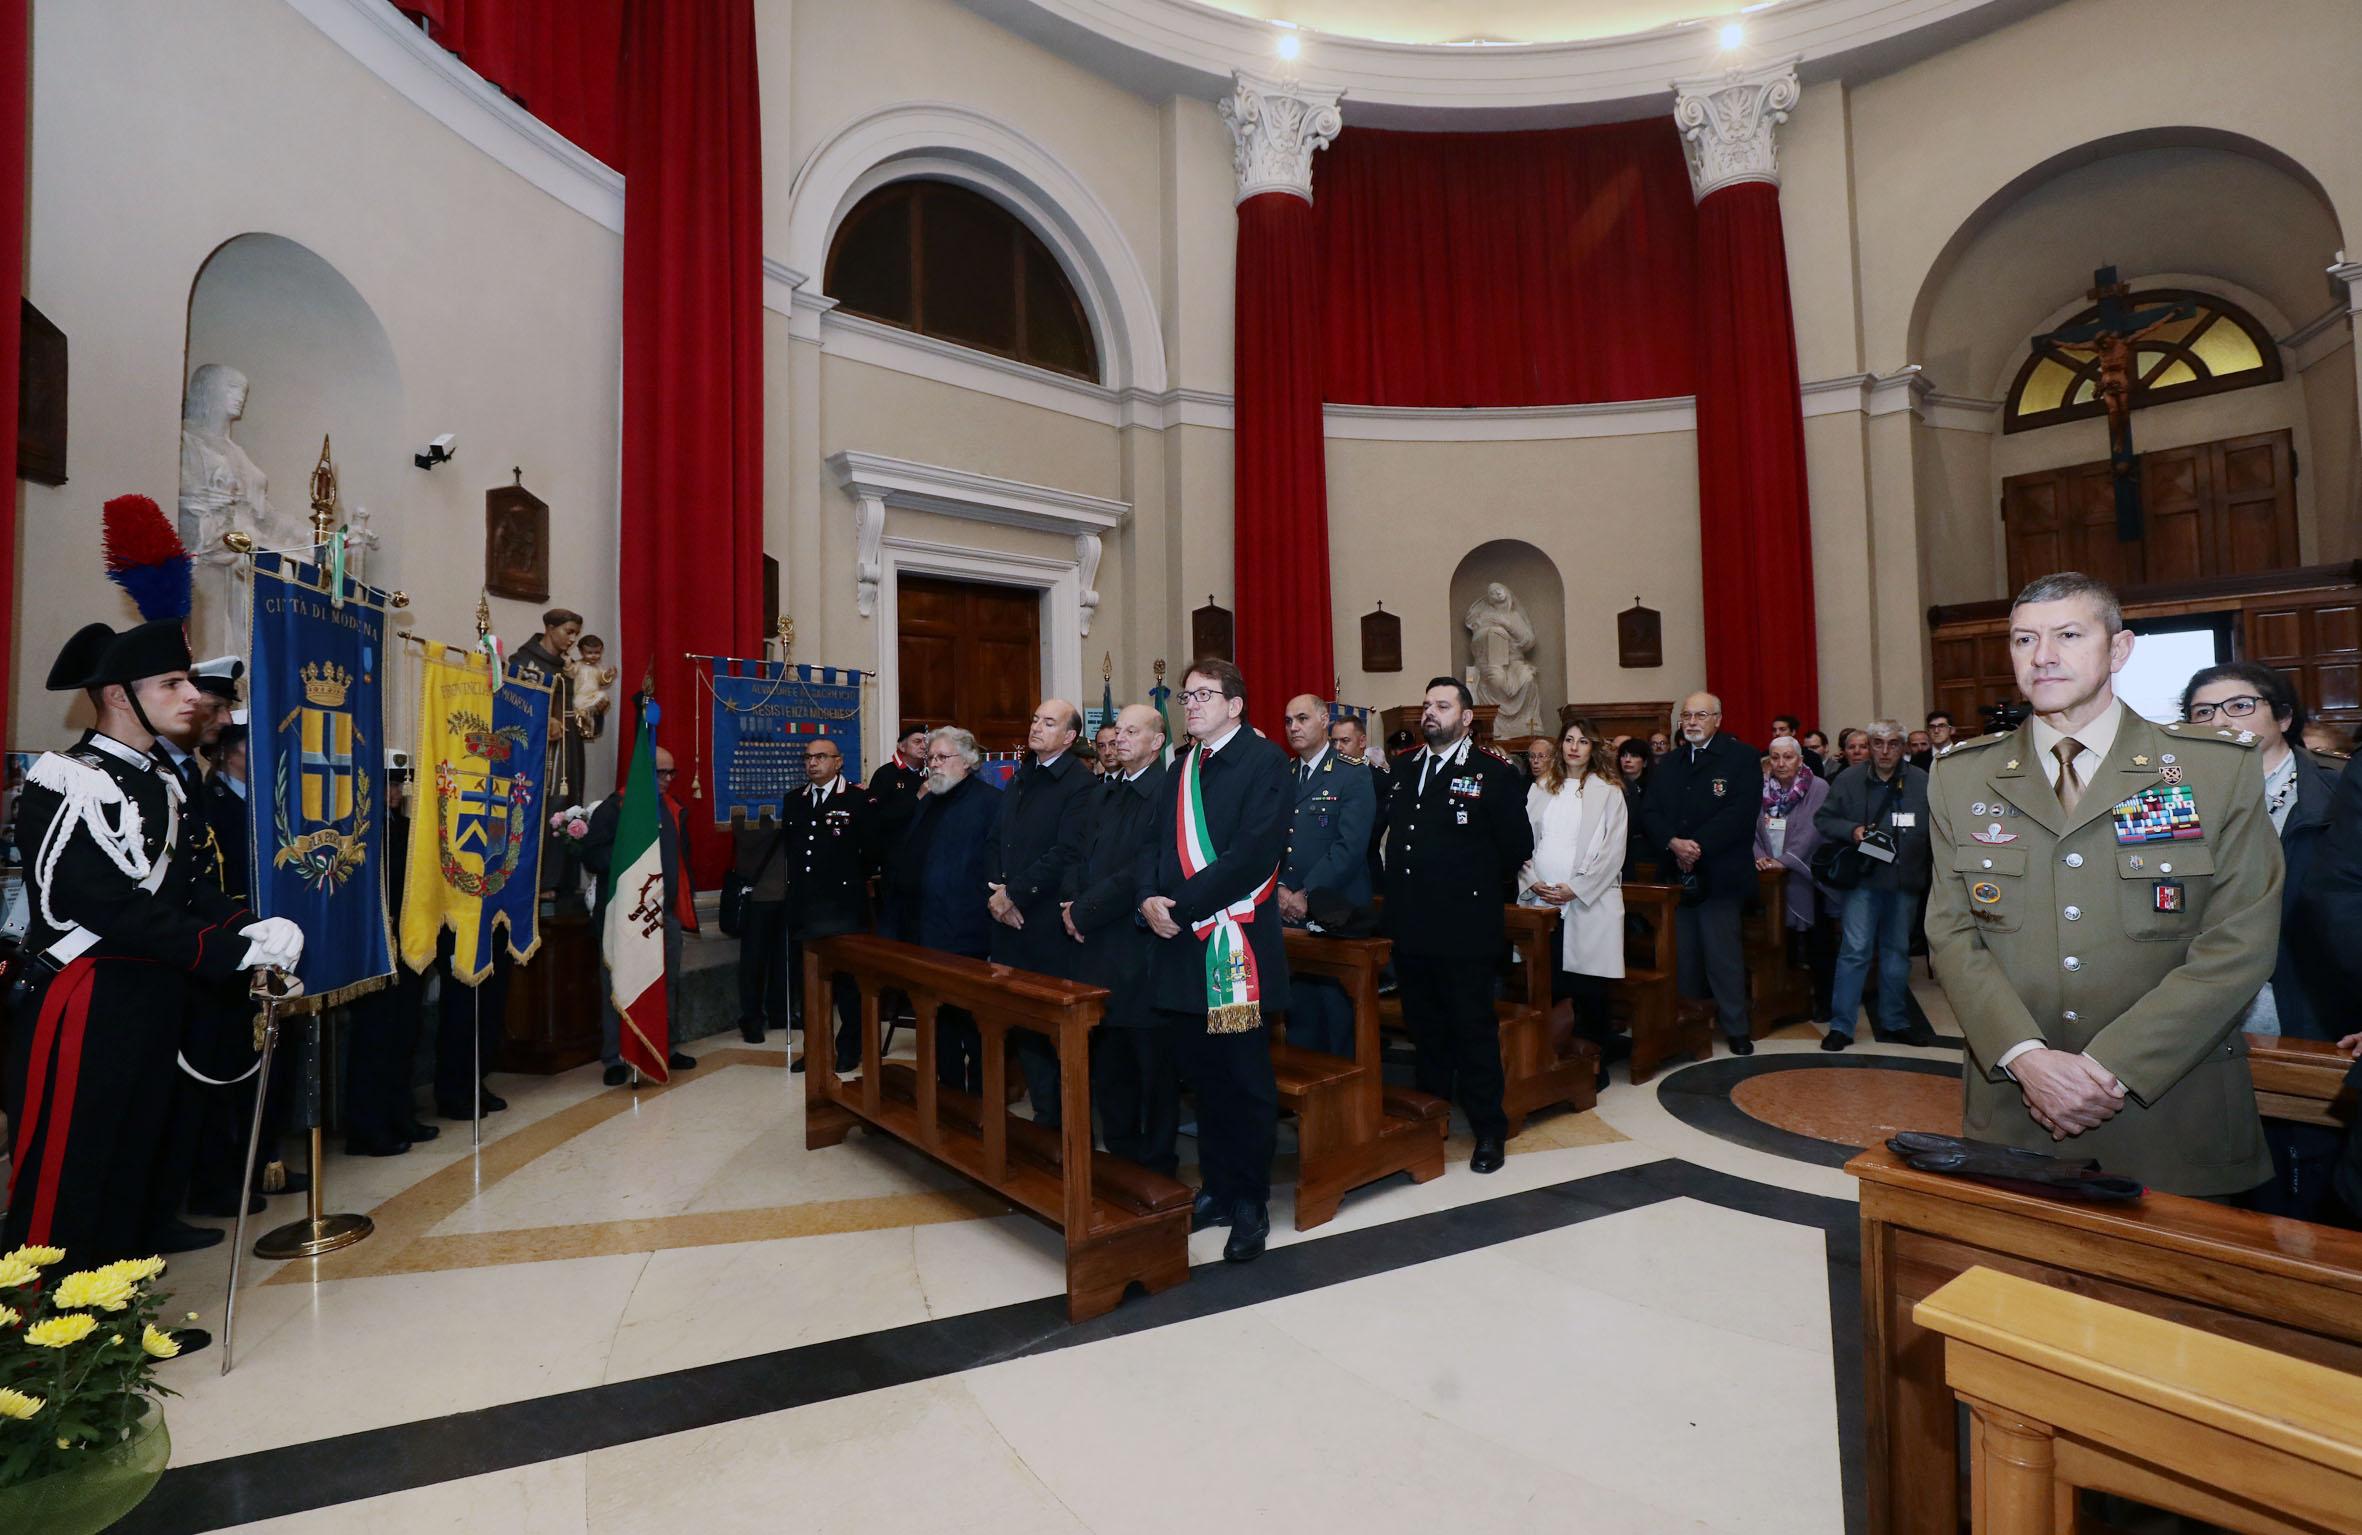 Grande guerra le celebrazioni del 4 novembre for Castellucci arredamenti roma